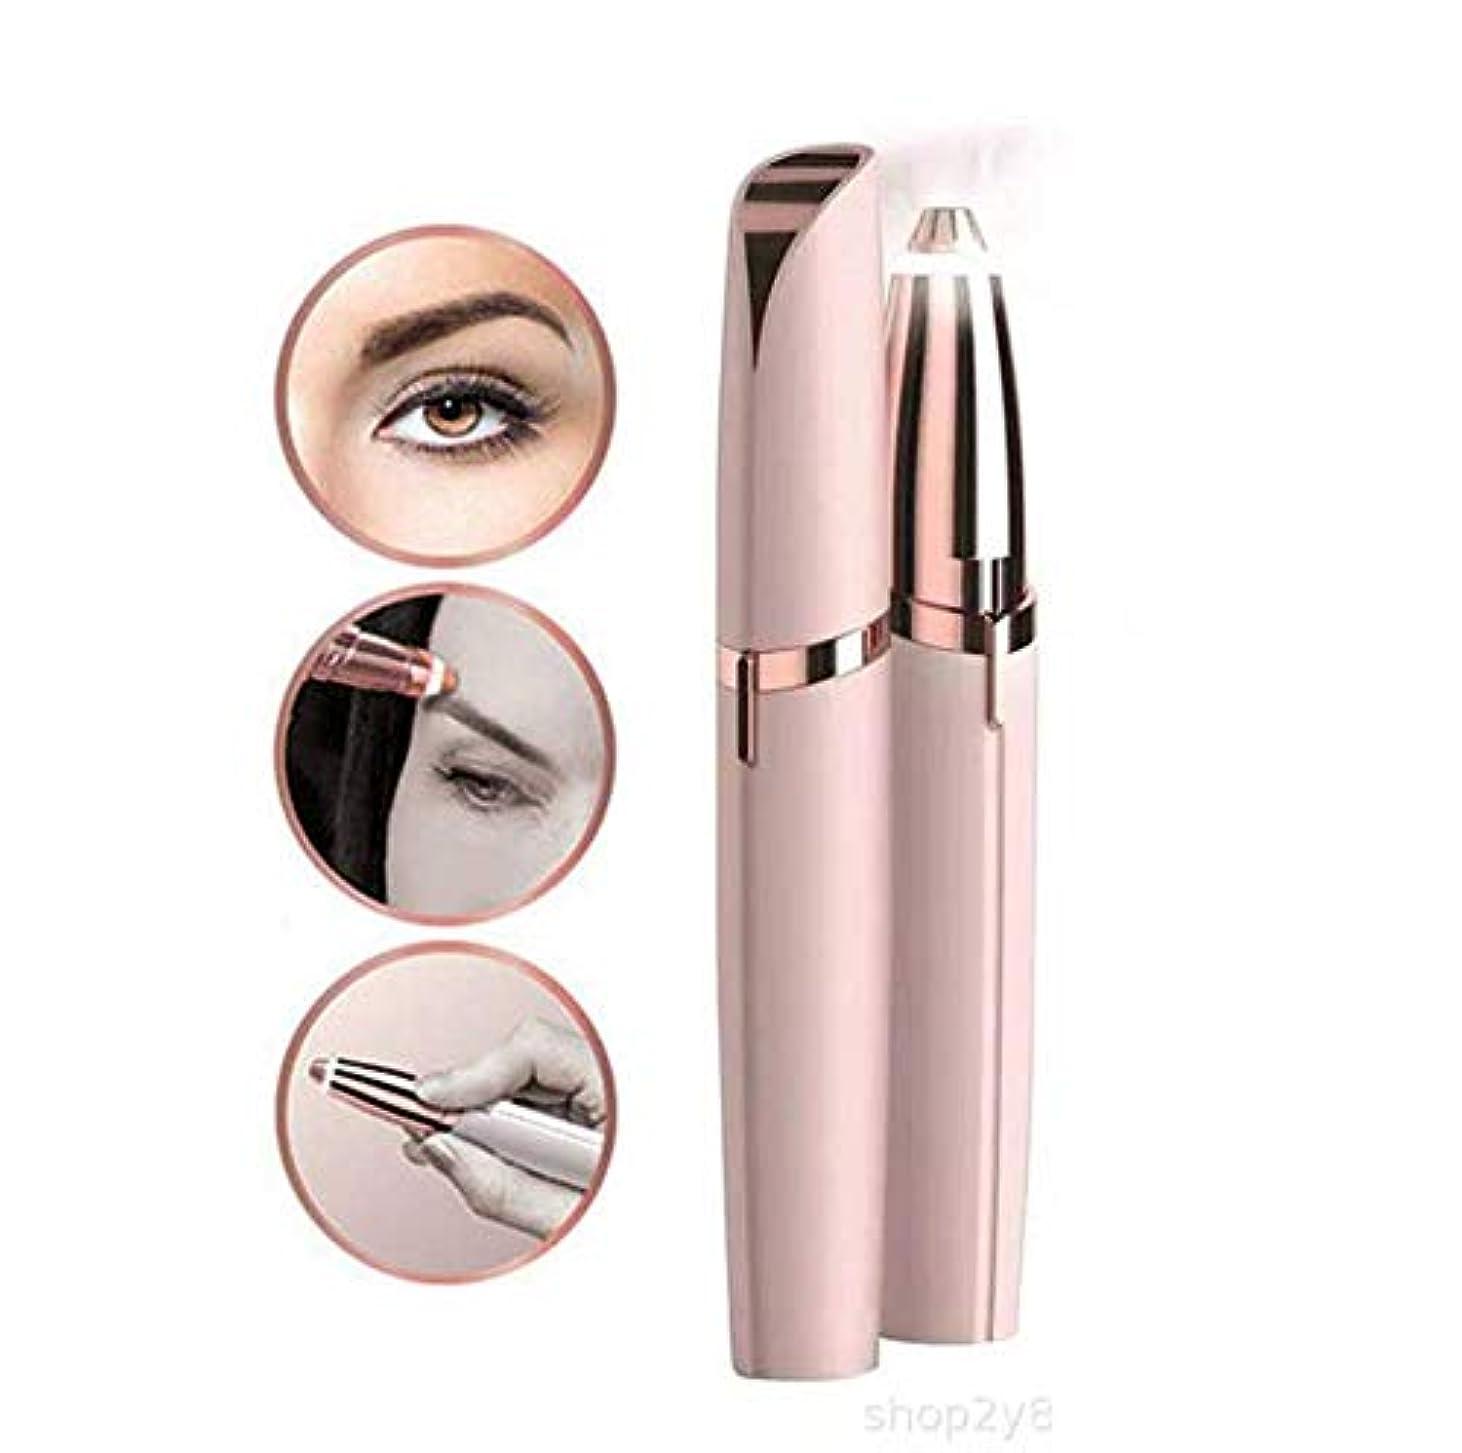 相談気づくペース女性の眉毛トリマー口紅の形の無痛ドライとウェットのコードレス用脱毛器電気ポータブルは、帯電ブレードに内蔵します